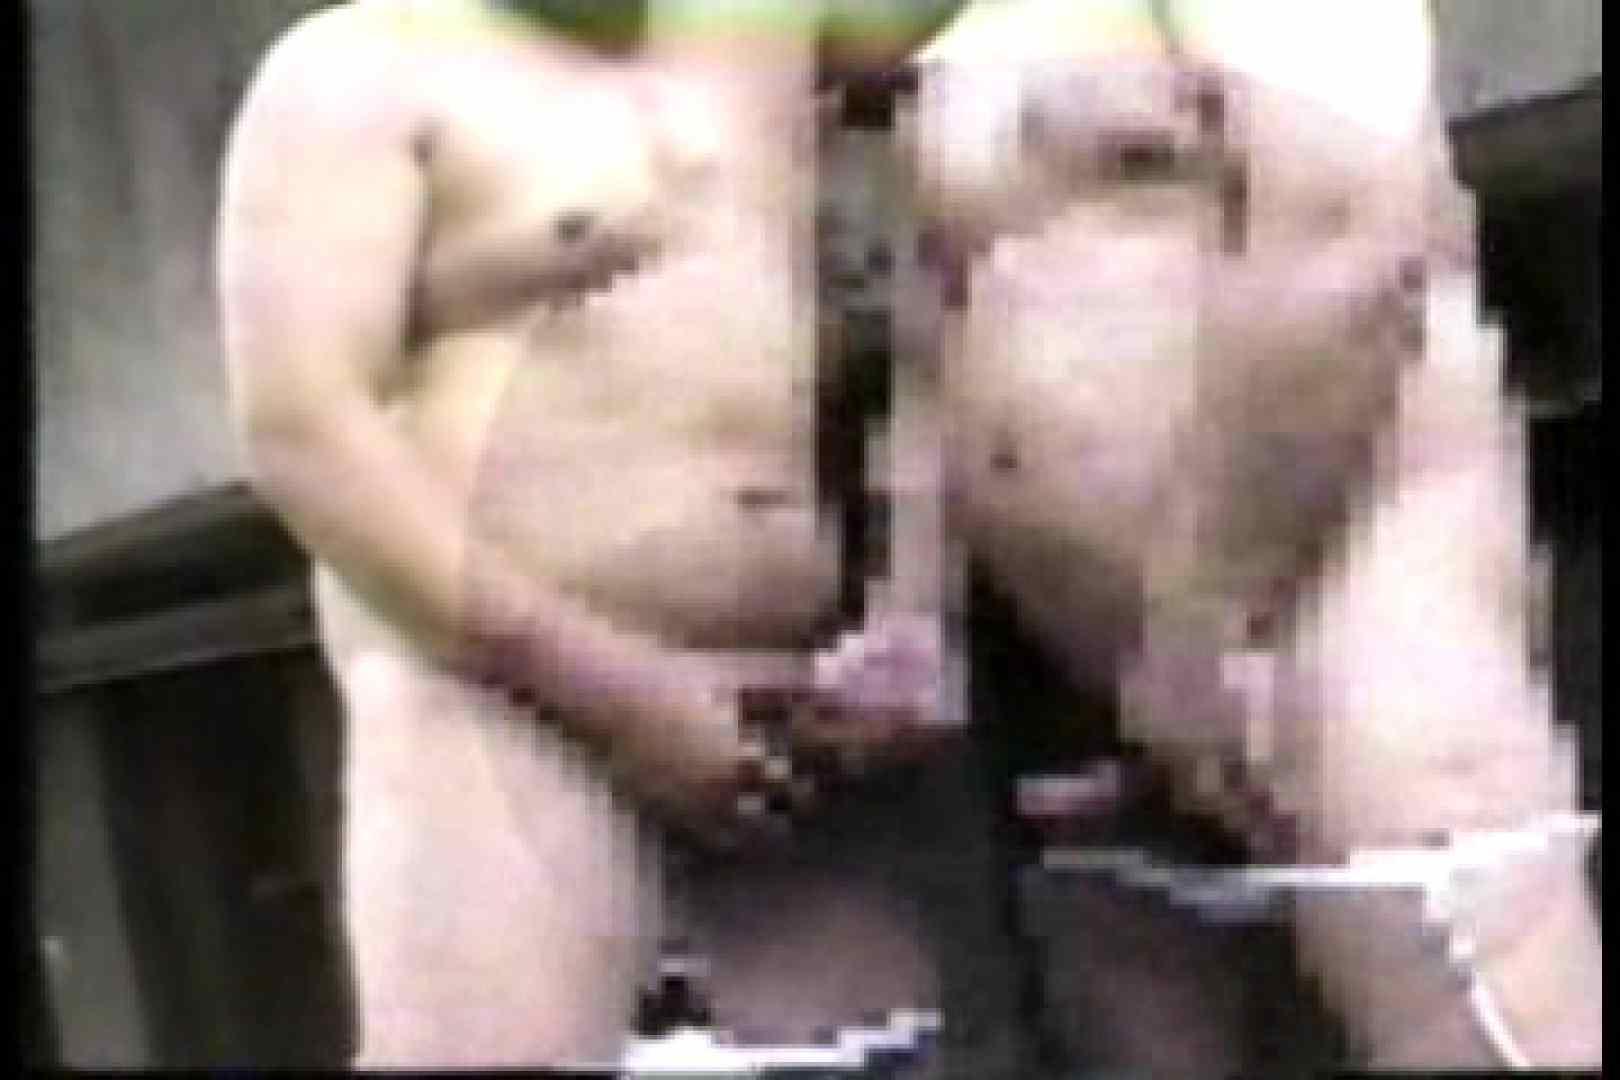 太った男じゃダメですか?17 おやじ熊系な男たち ゲイモロ見え画像 65連発 7